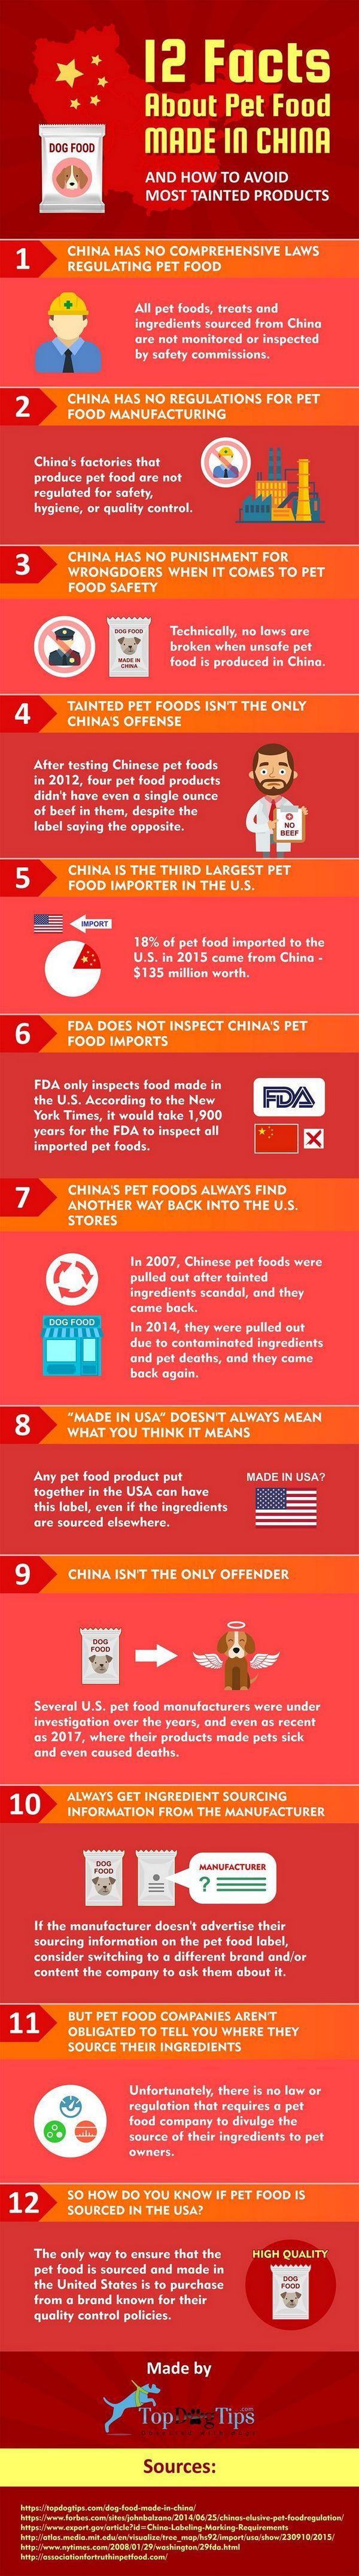 12 Fapte despre alimentele pentru câini produse în China [infographic]